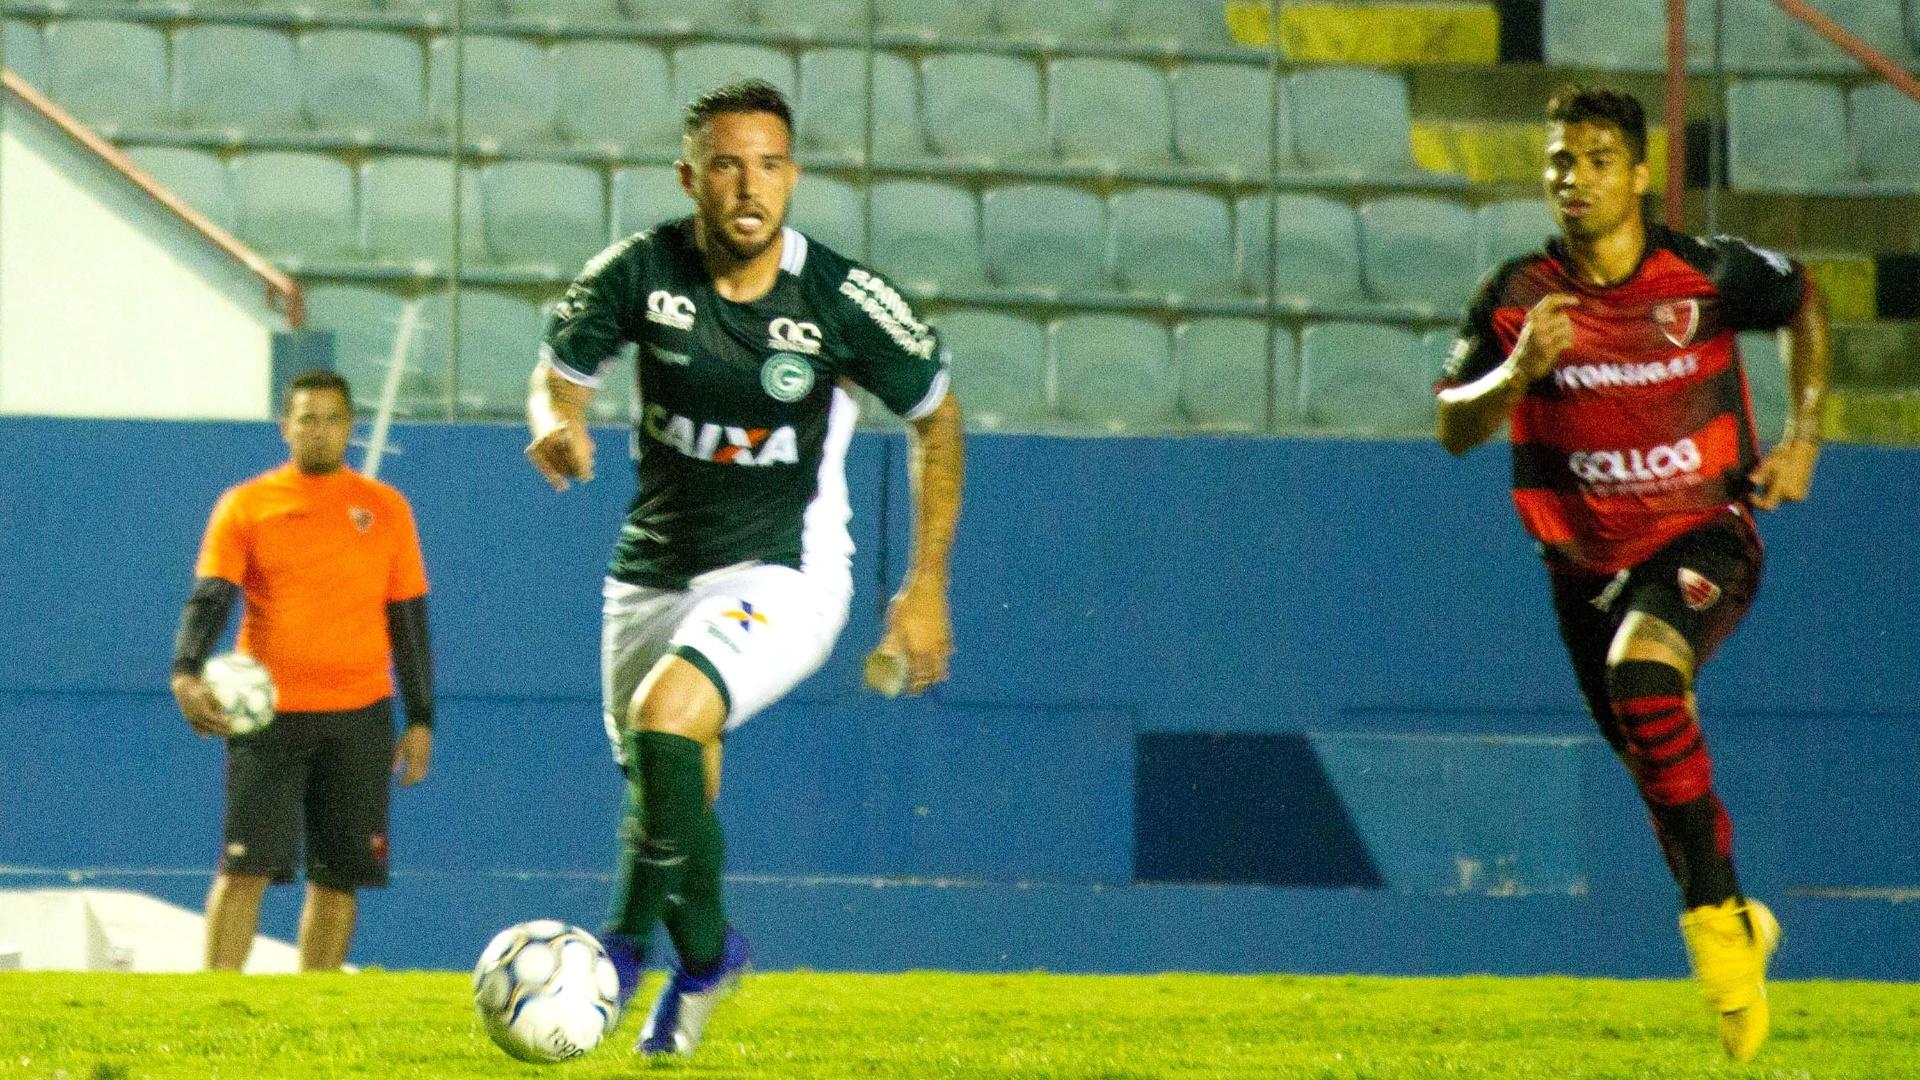 Giovanni carrega a bola durante vitória do Goiás sobre o Oeste, na Série B